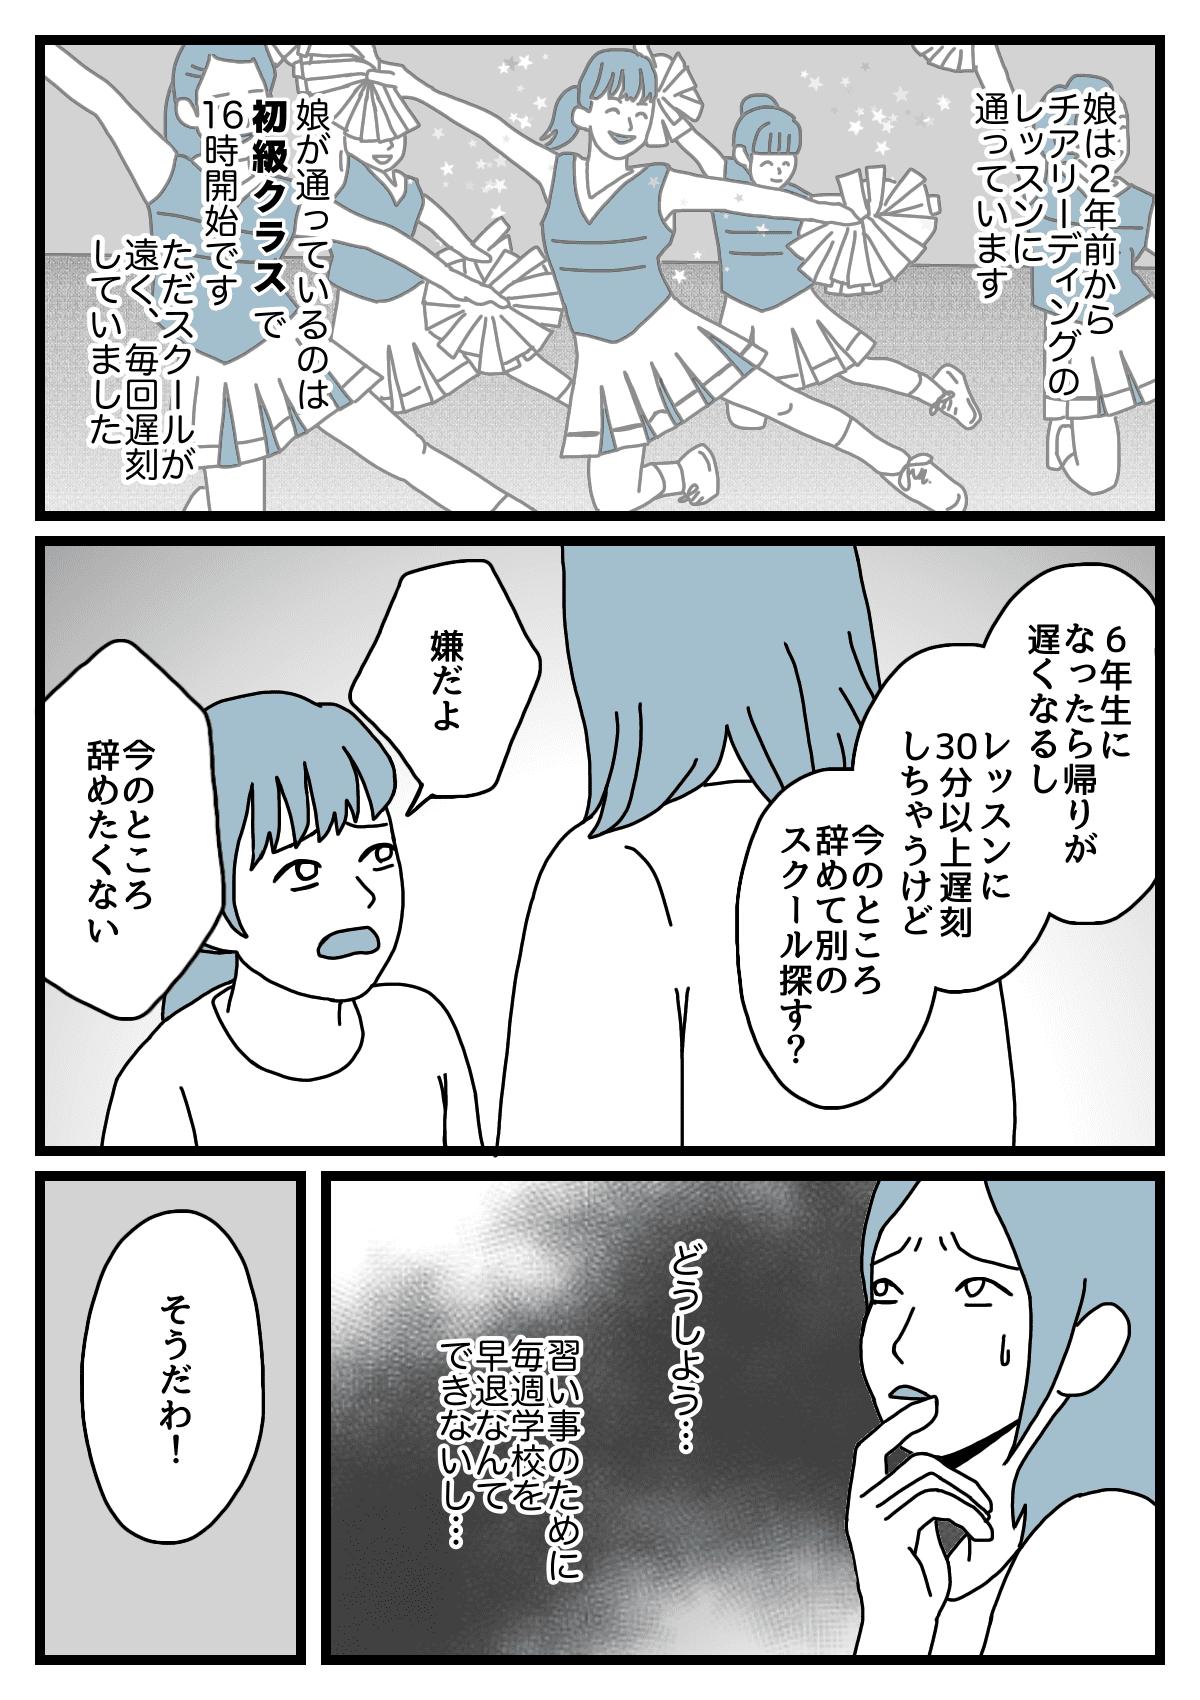 【前編】習い事1